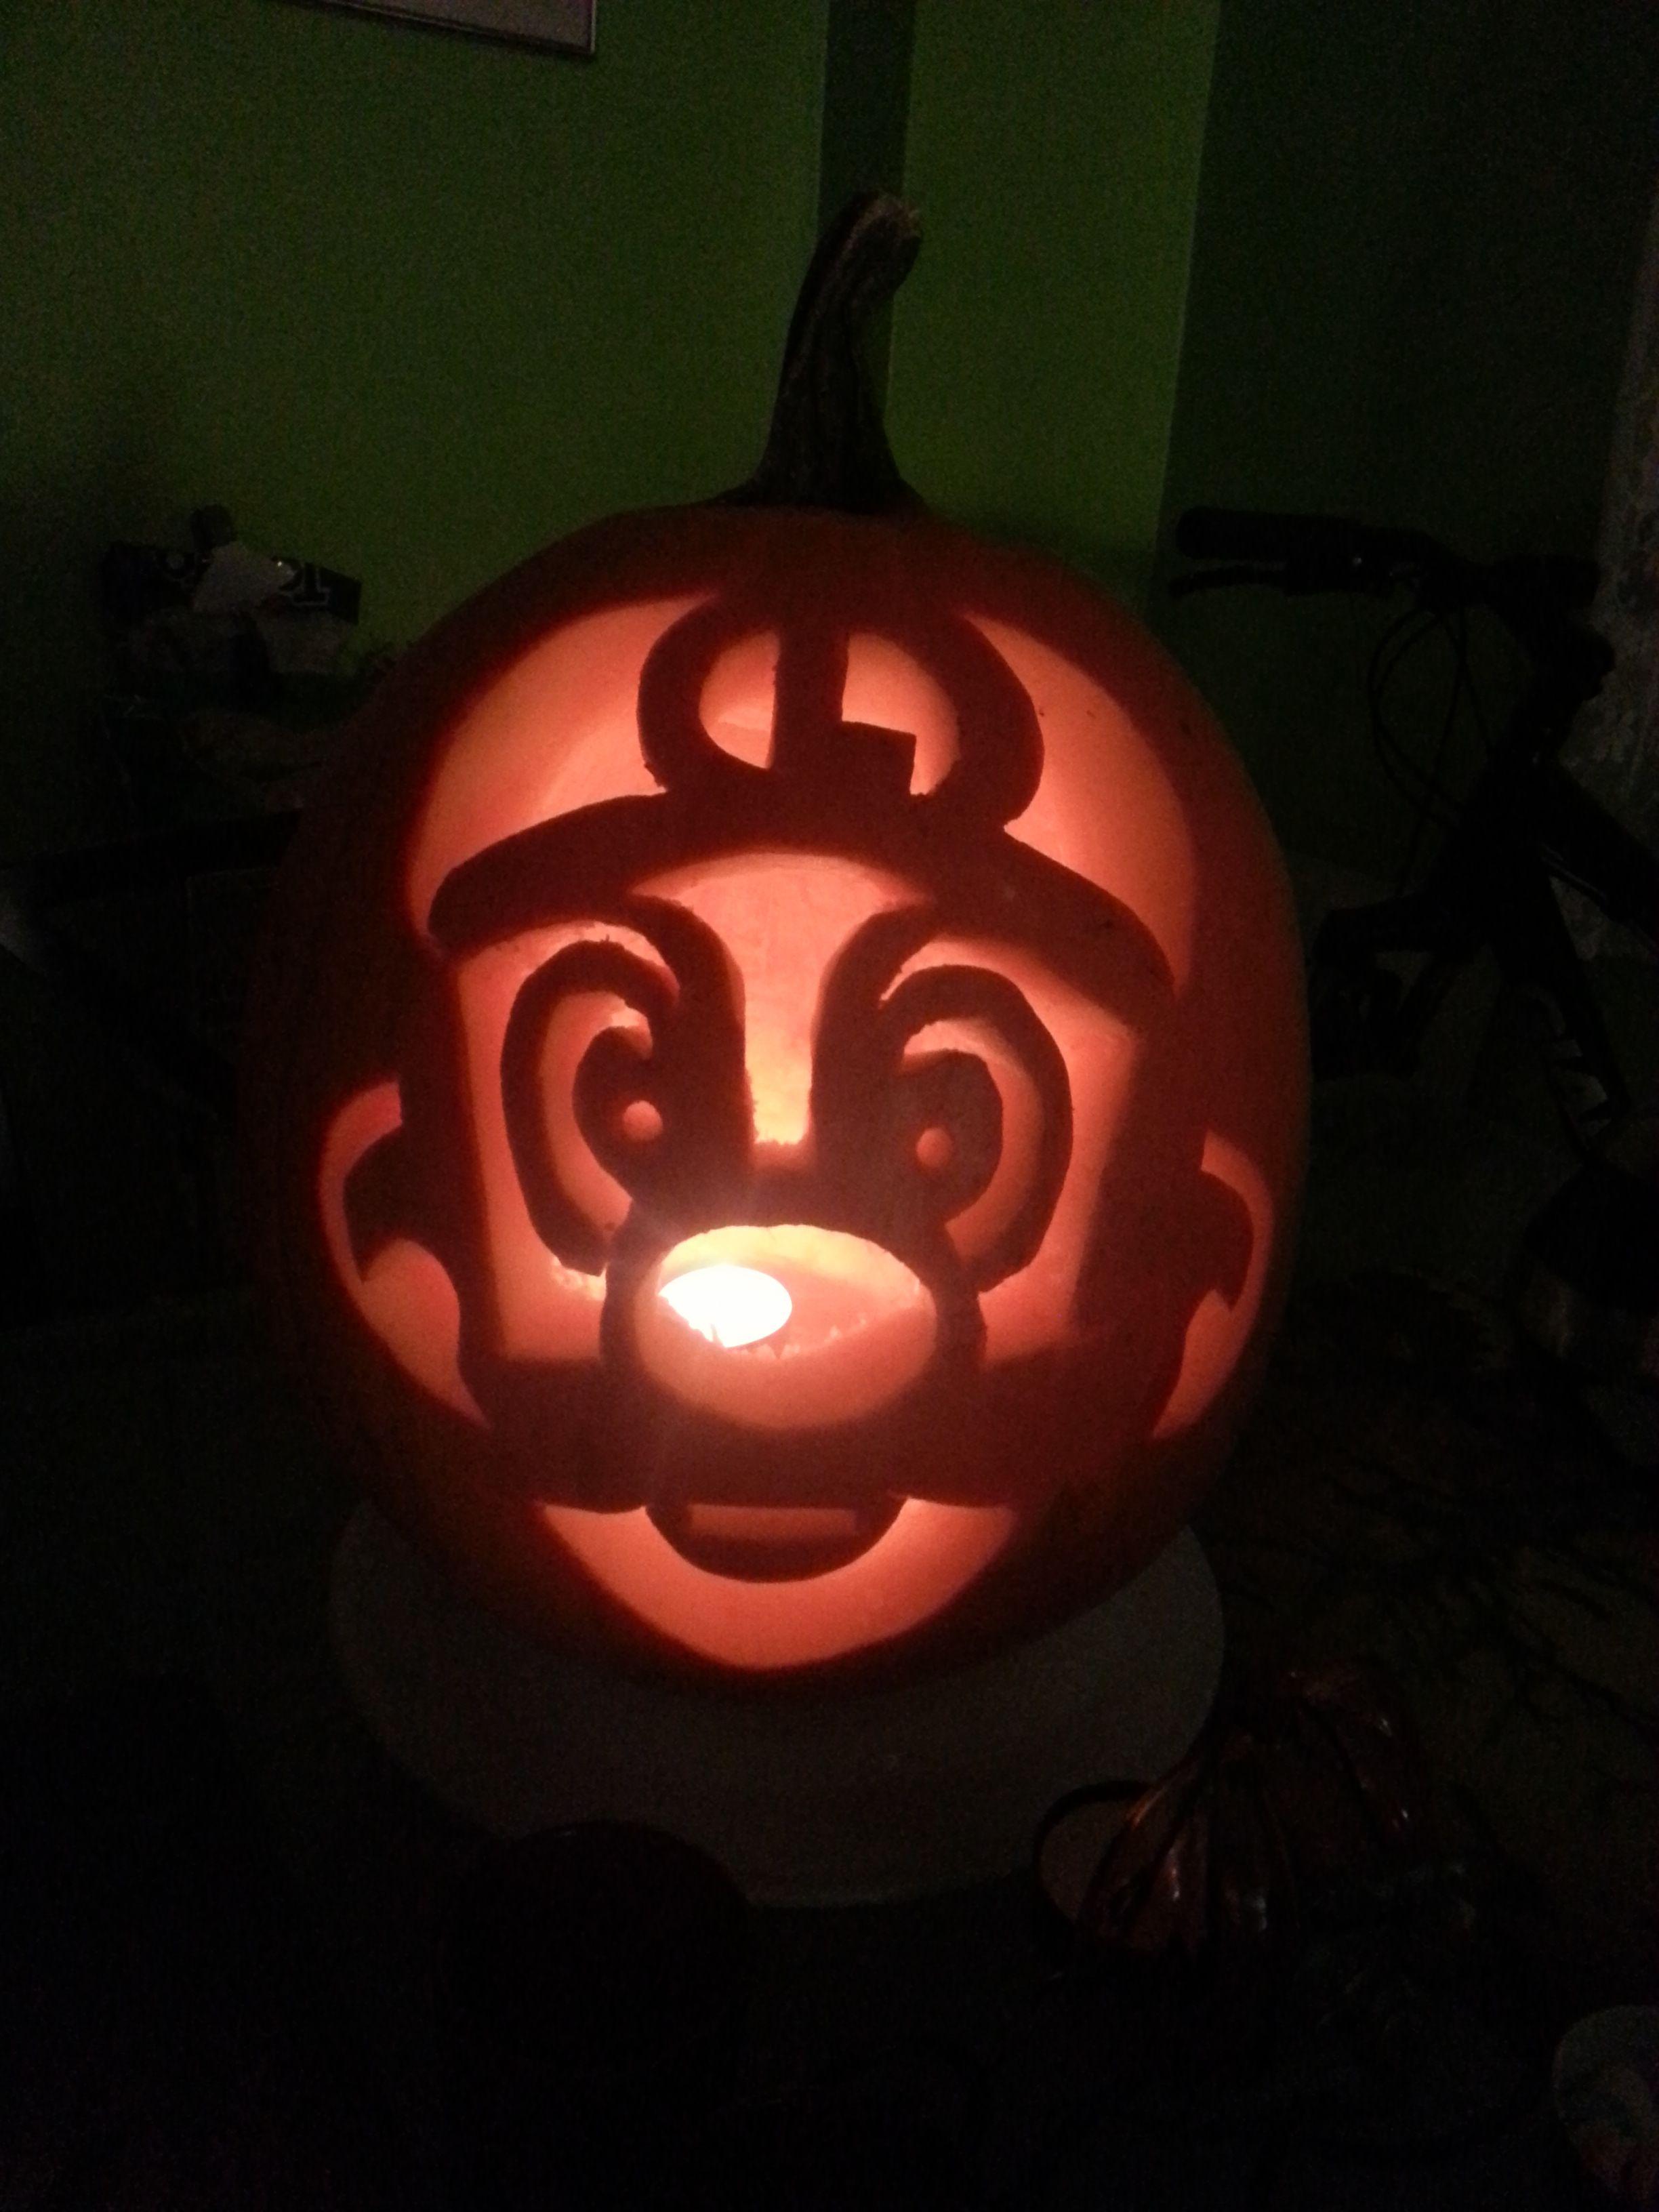 pumpkin template luigi  Luigi Pumpkin! | Pumpkin carving, Pumpkin, Pumpkin stencil